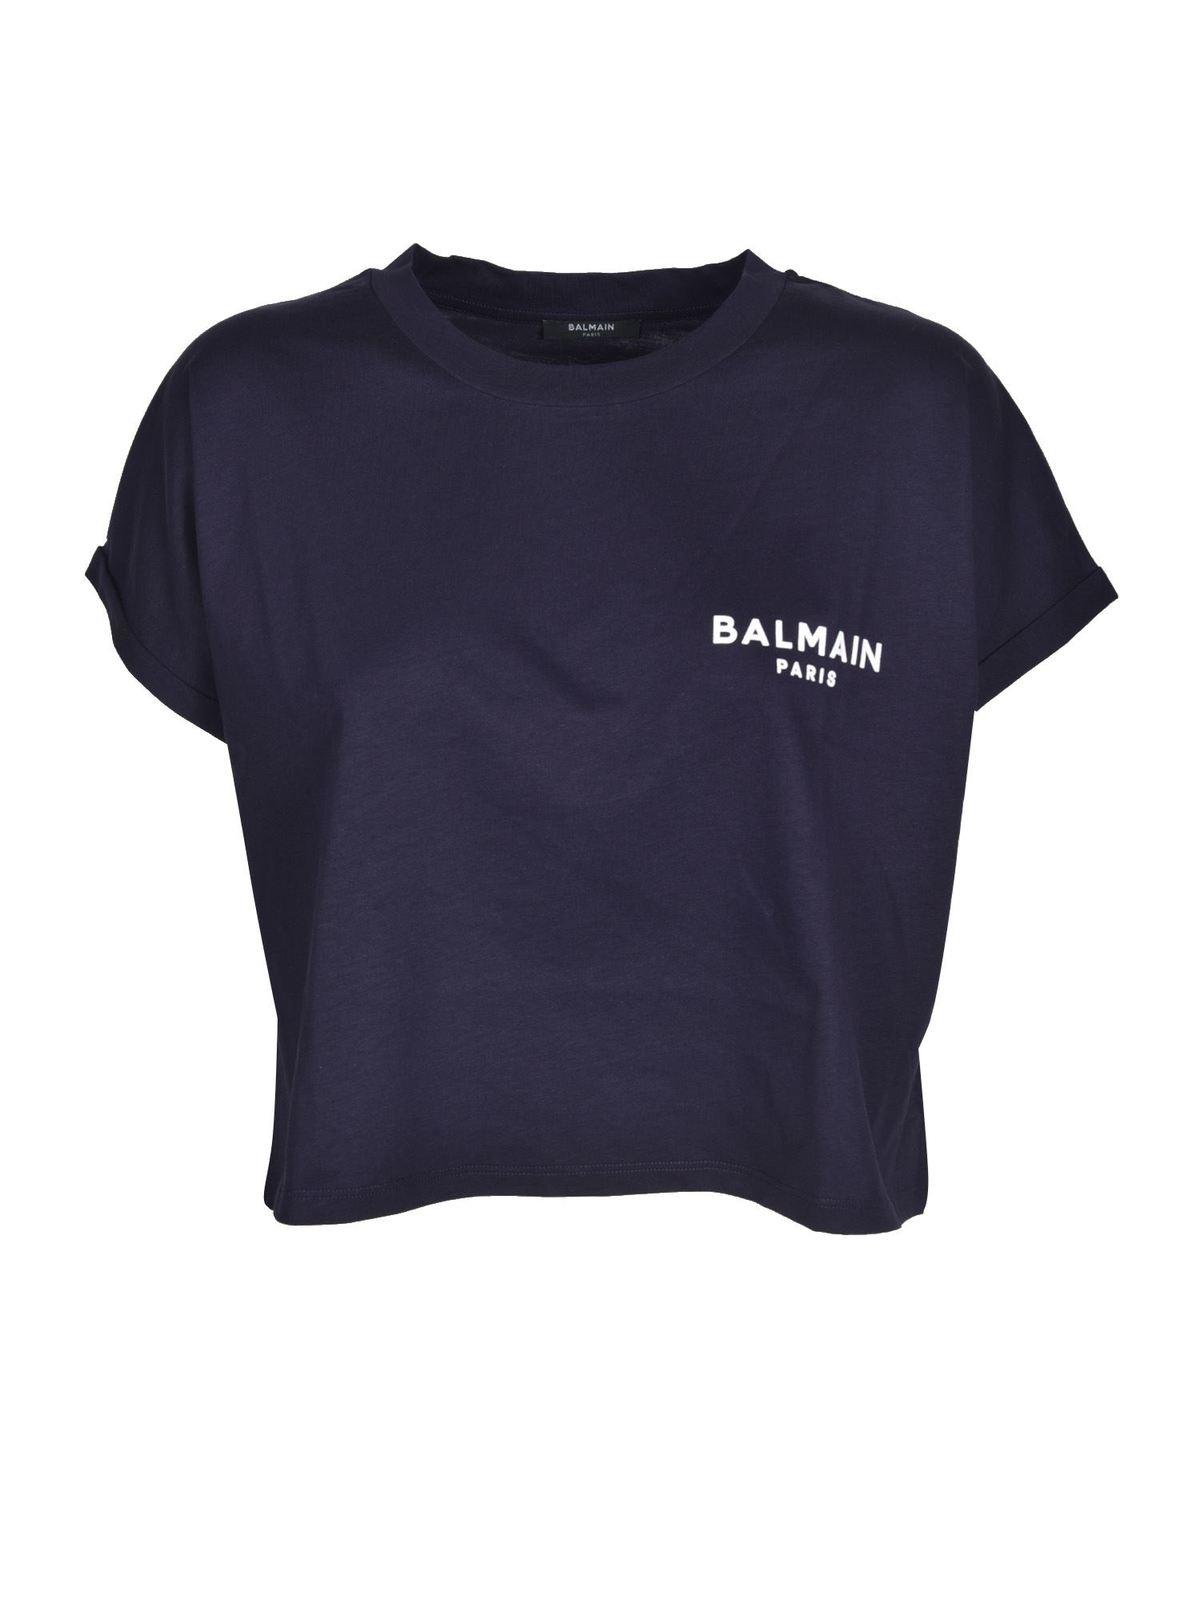 Balmain LOGO CROPPED T-SHIRT IN BLUE